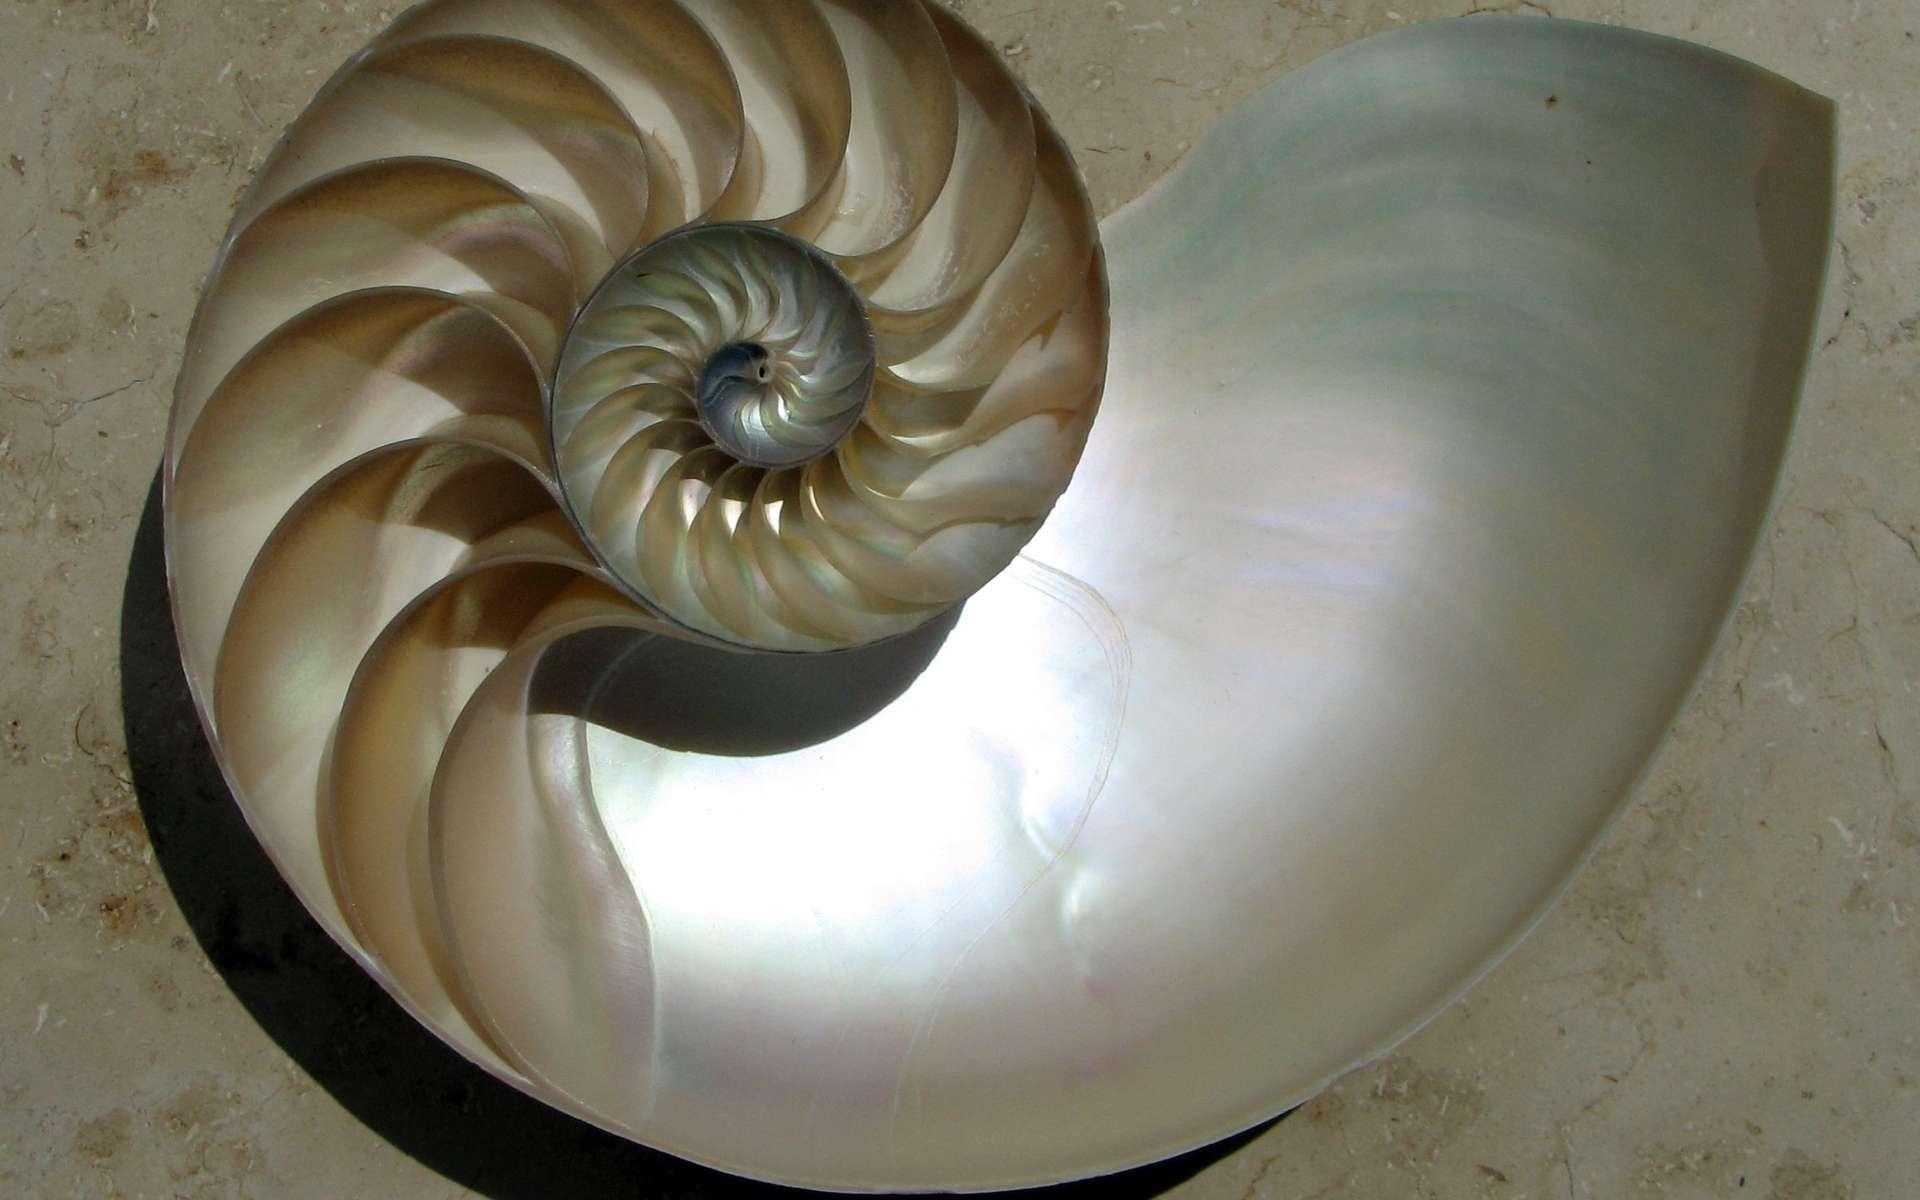 La nacre qui recouvre certains coquillages inspire les chimistes. En imitant sa structure, ils ont réussi à fabriquer une céramique dix fois plus résistante que les céramiques ordinaires. © Chris 73, Wikimedia Commons, cc by sa 3.0